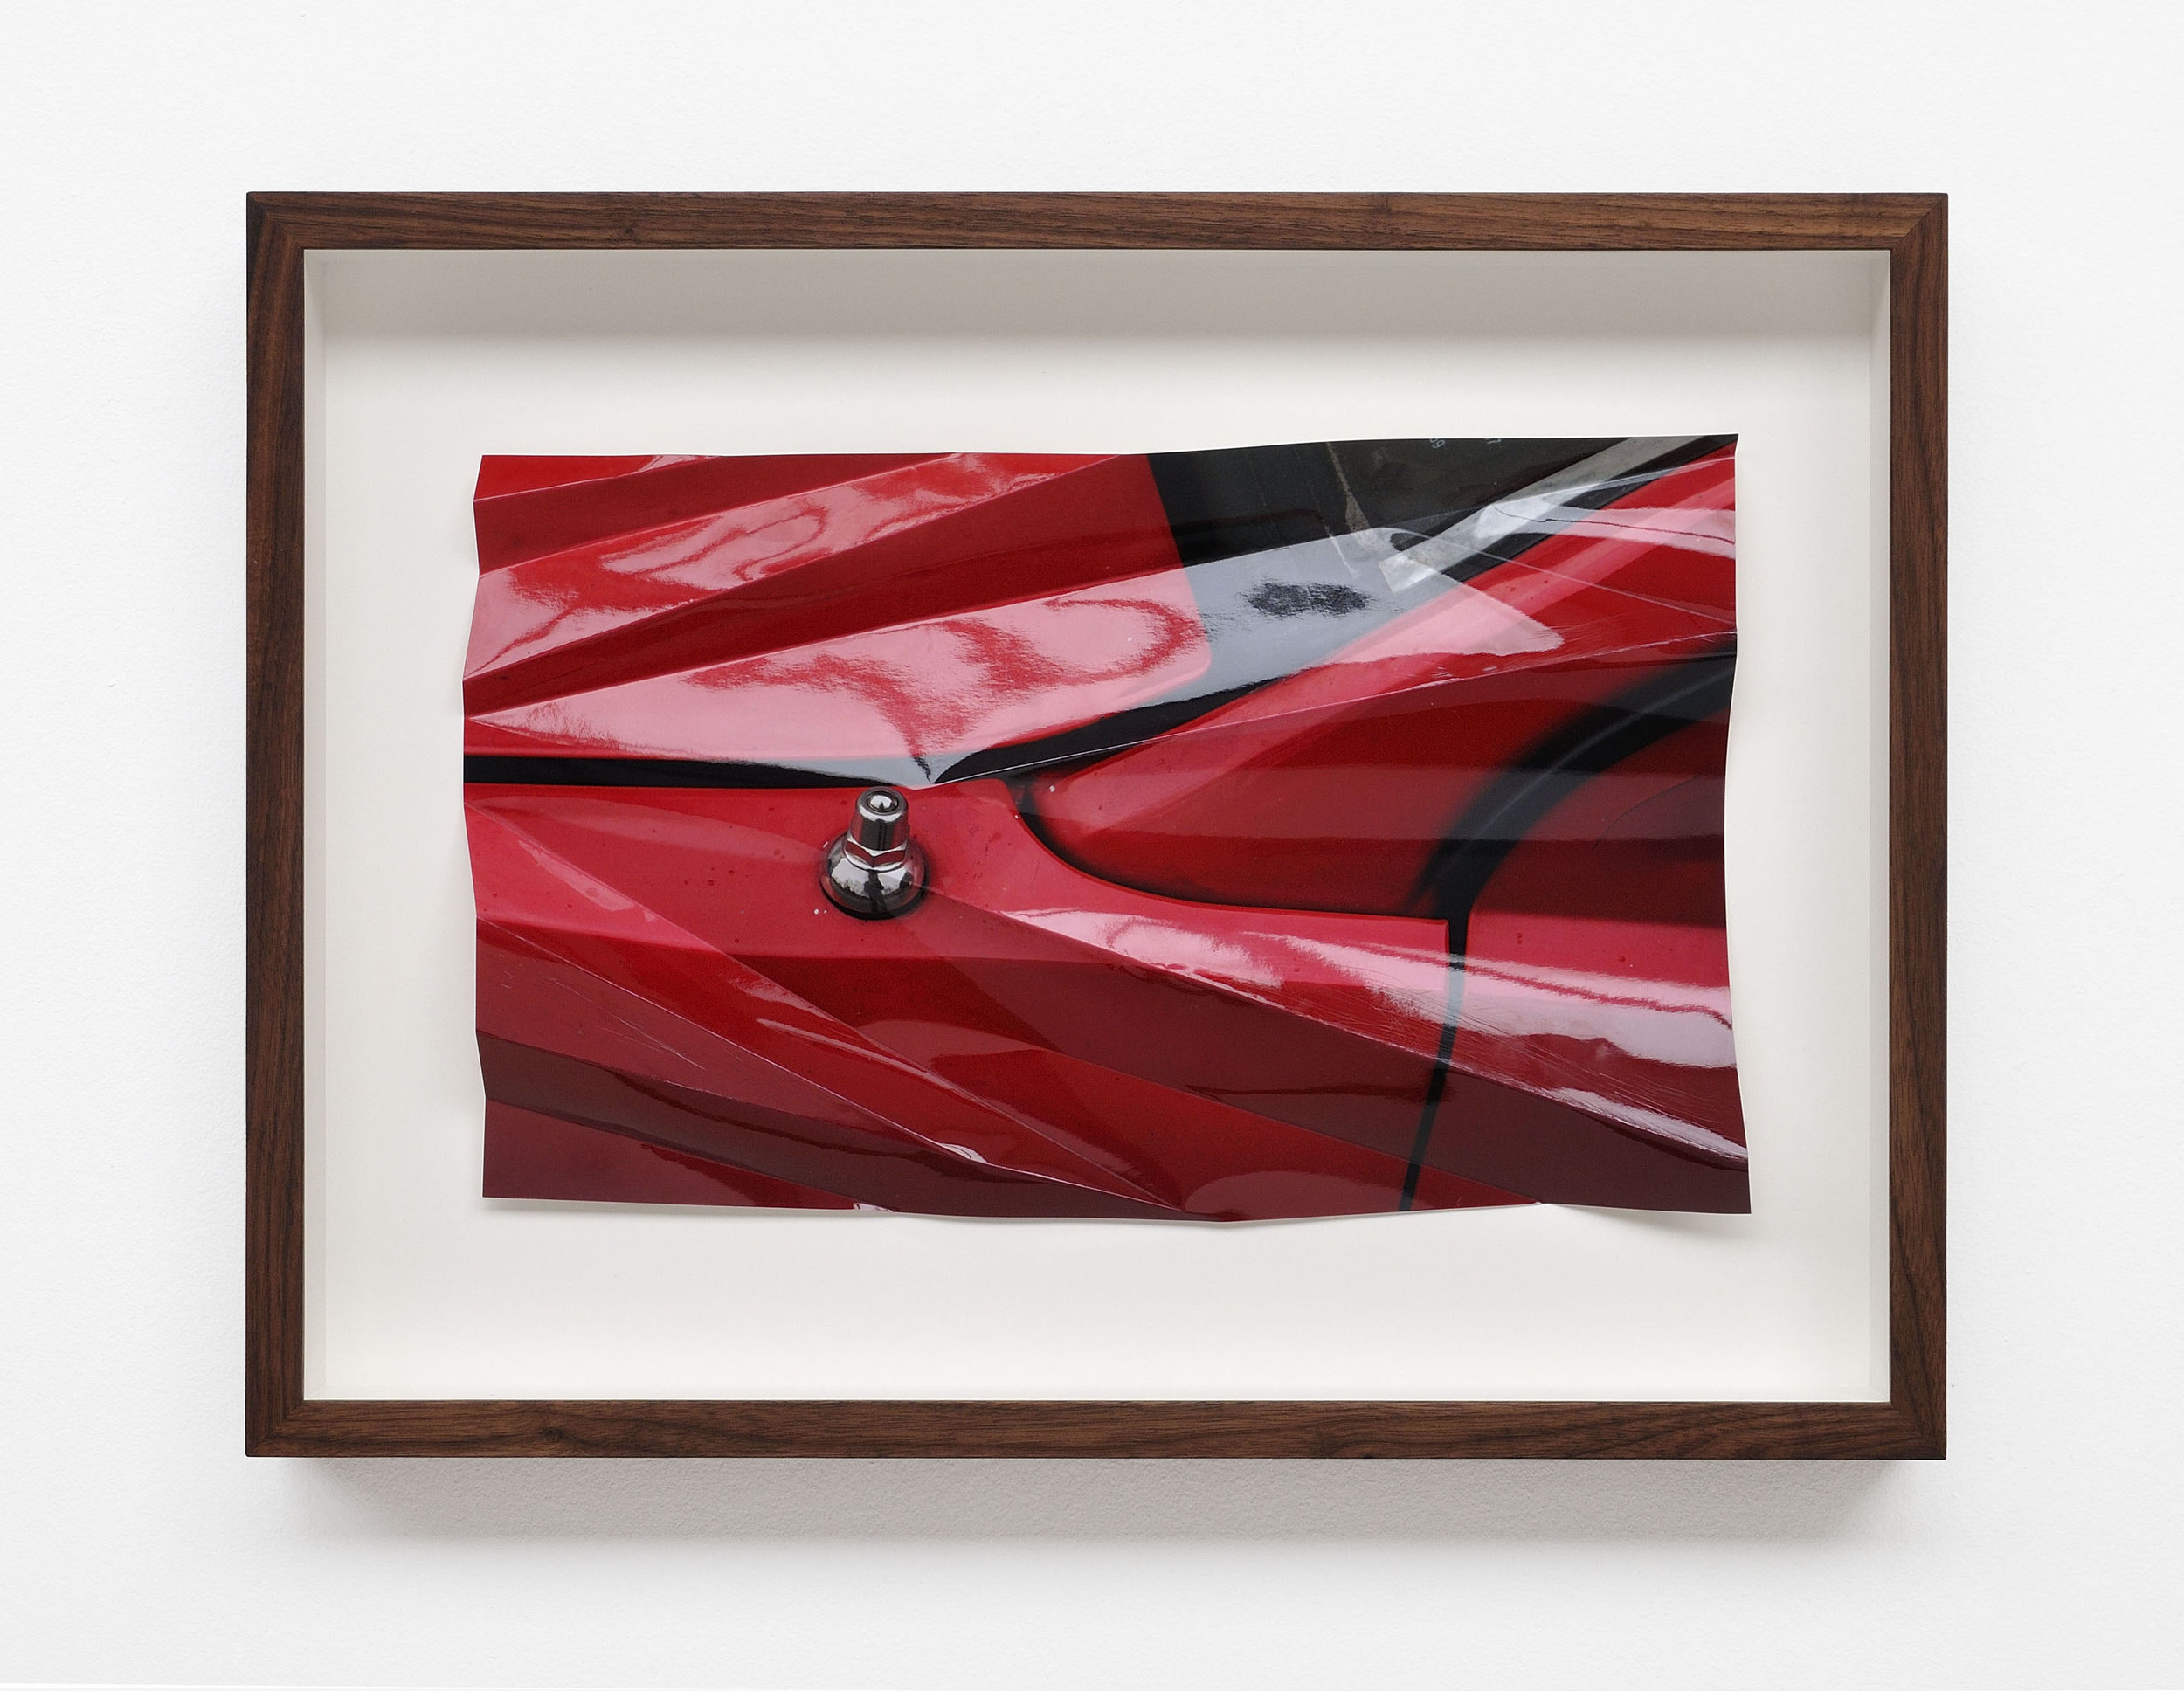 aus der Reihe: Red Crash, 2017, Farbfotografie, gefalzt, ca. 30 x 44 cm